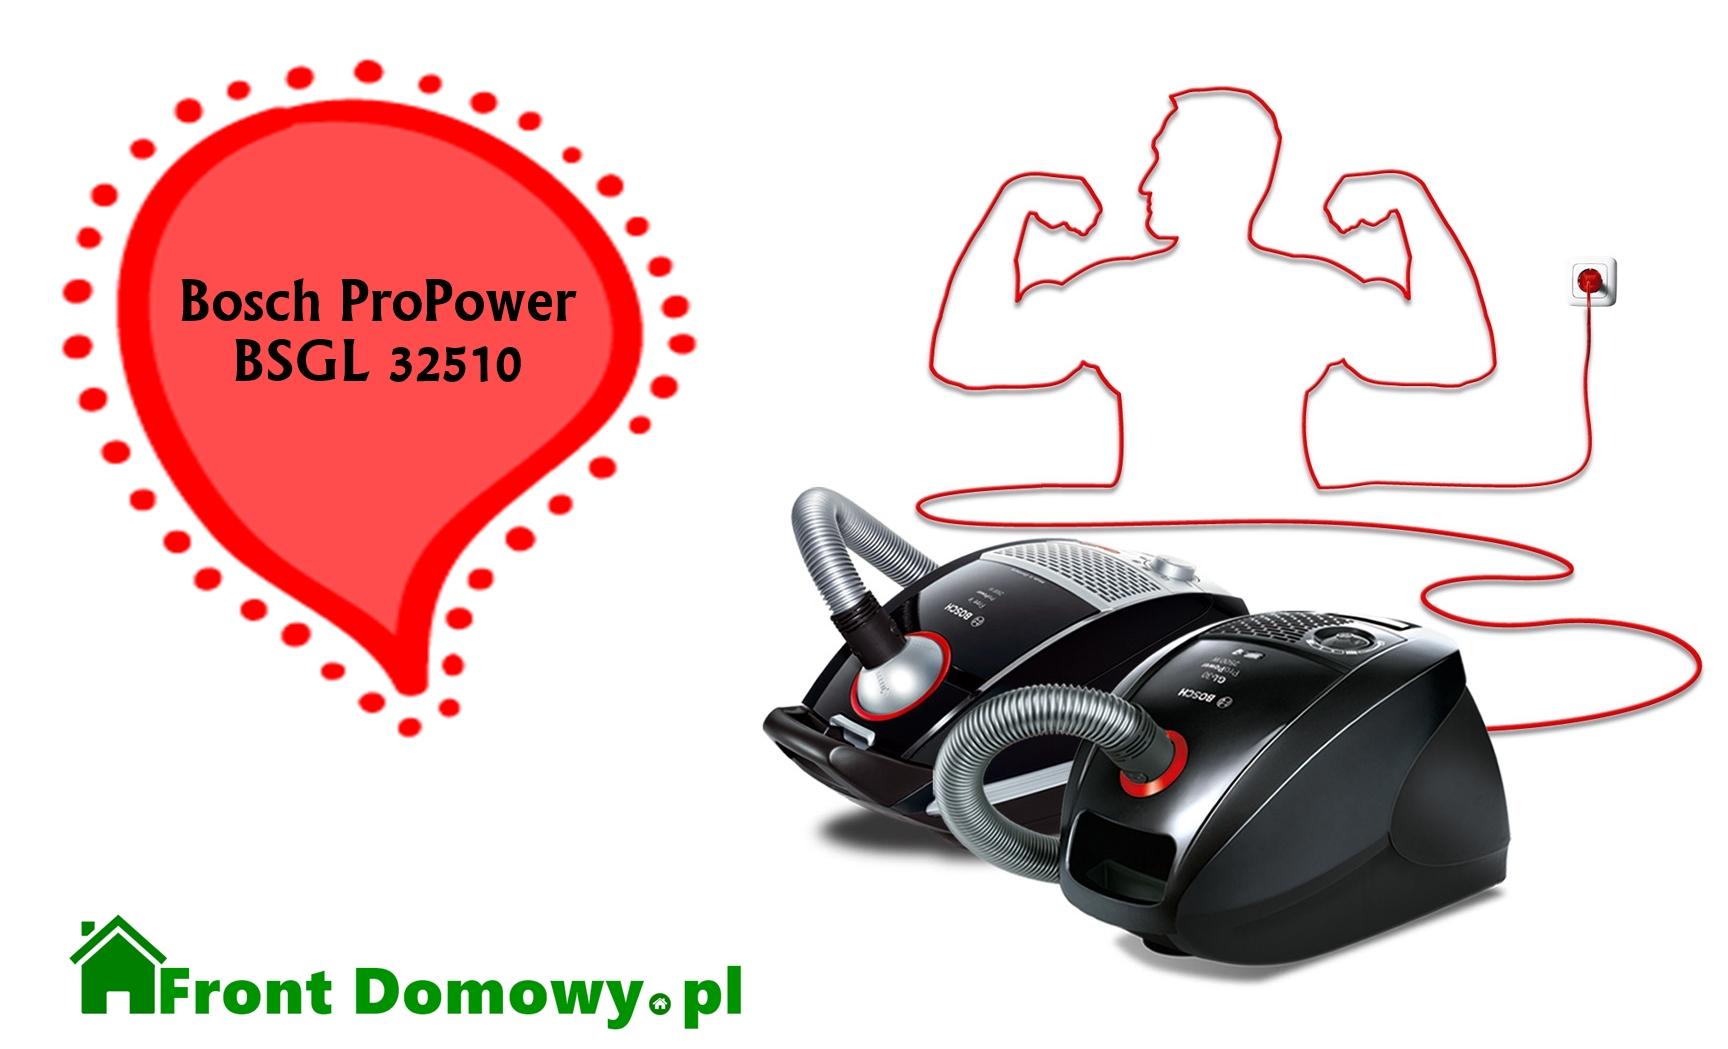 Bosch ProPower BSGL 32510